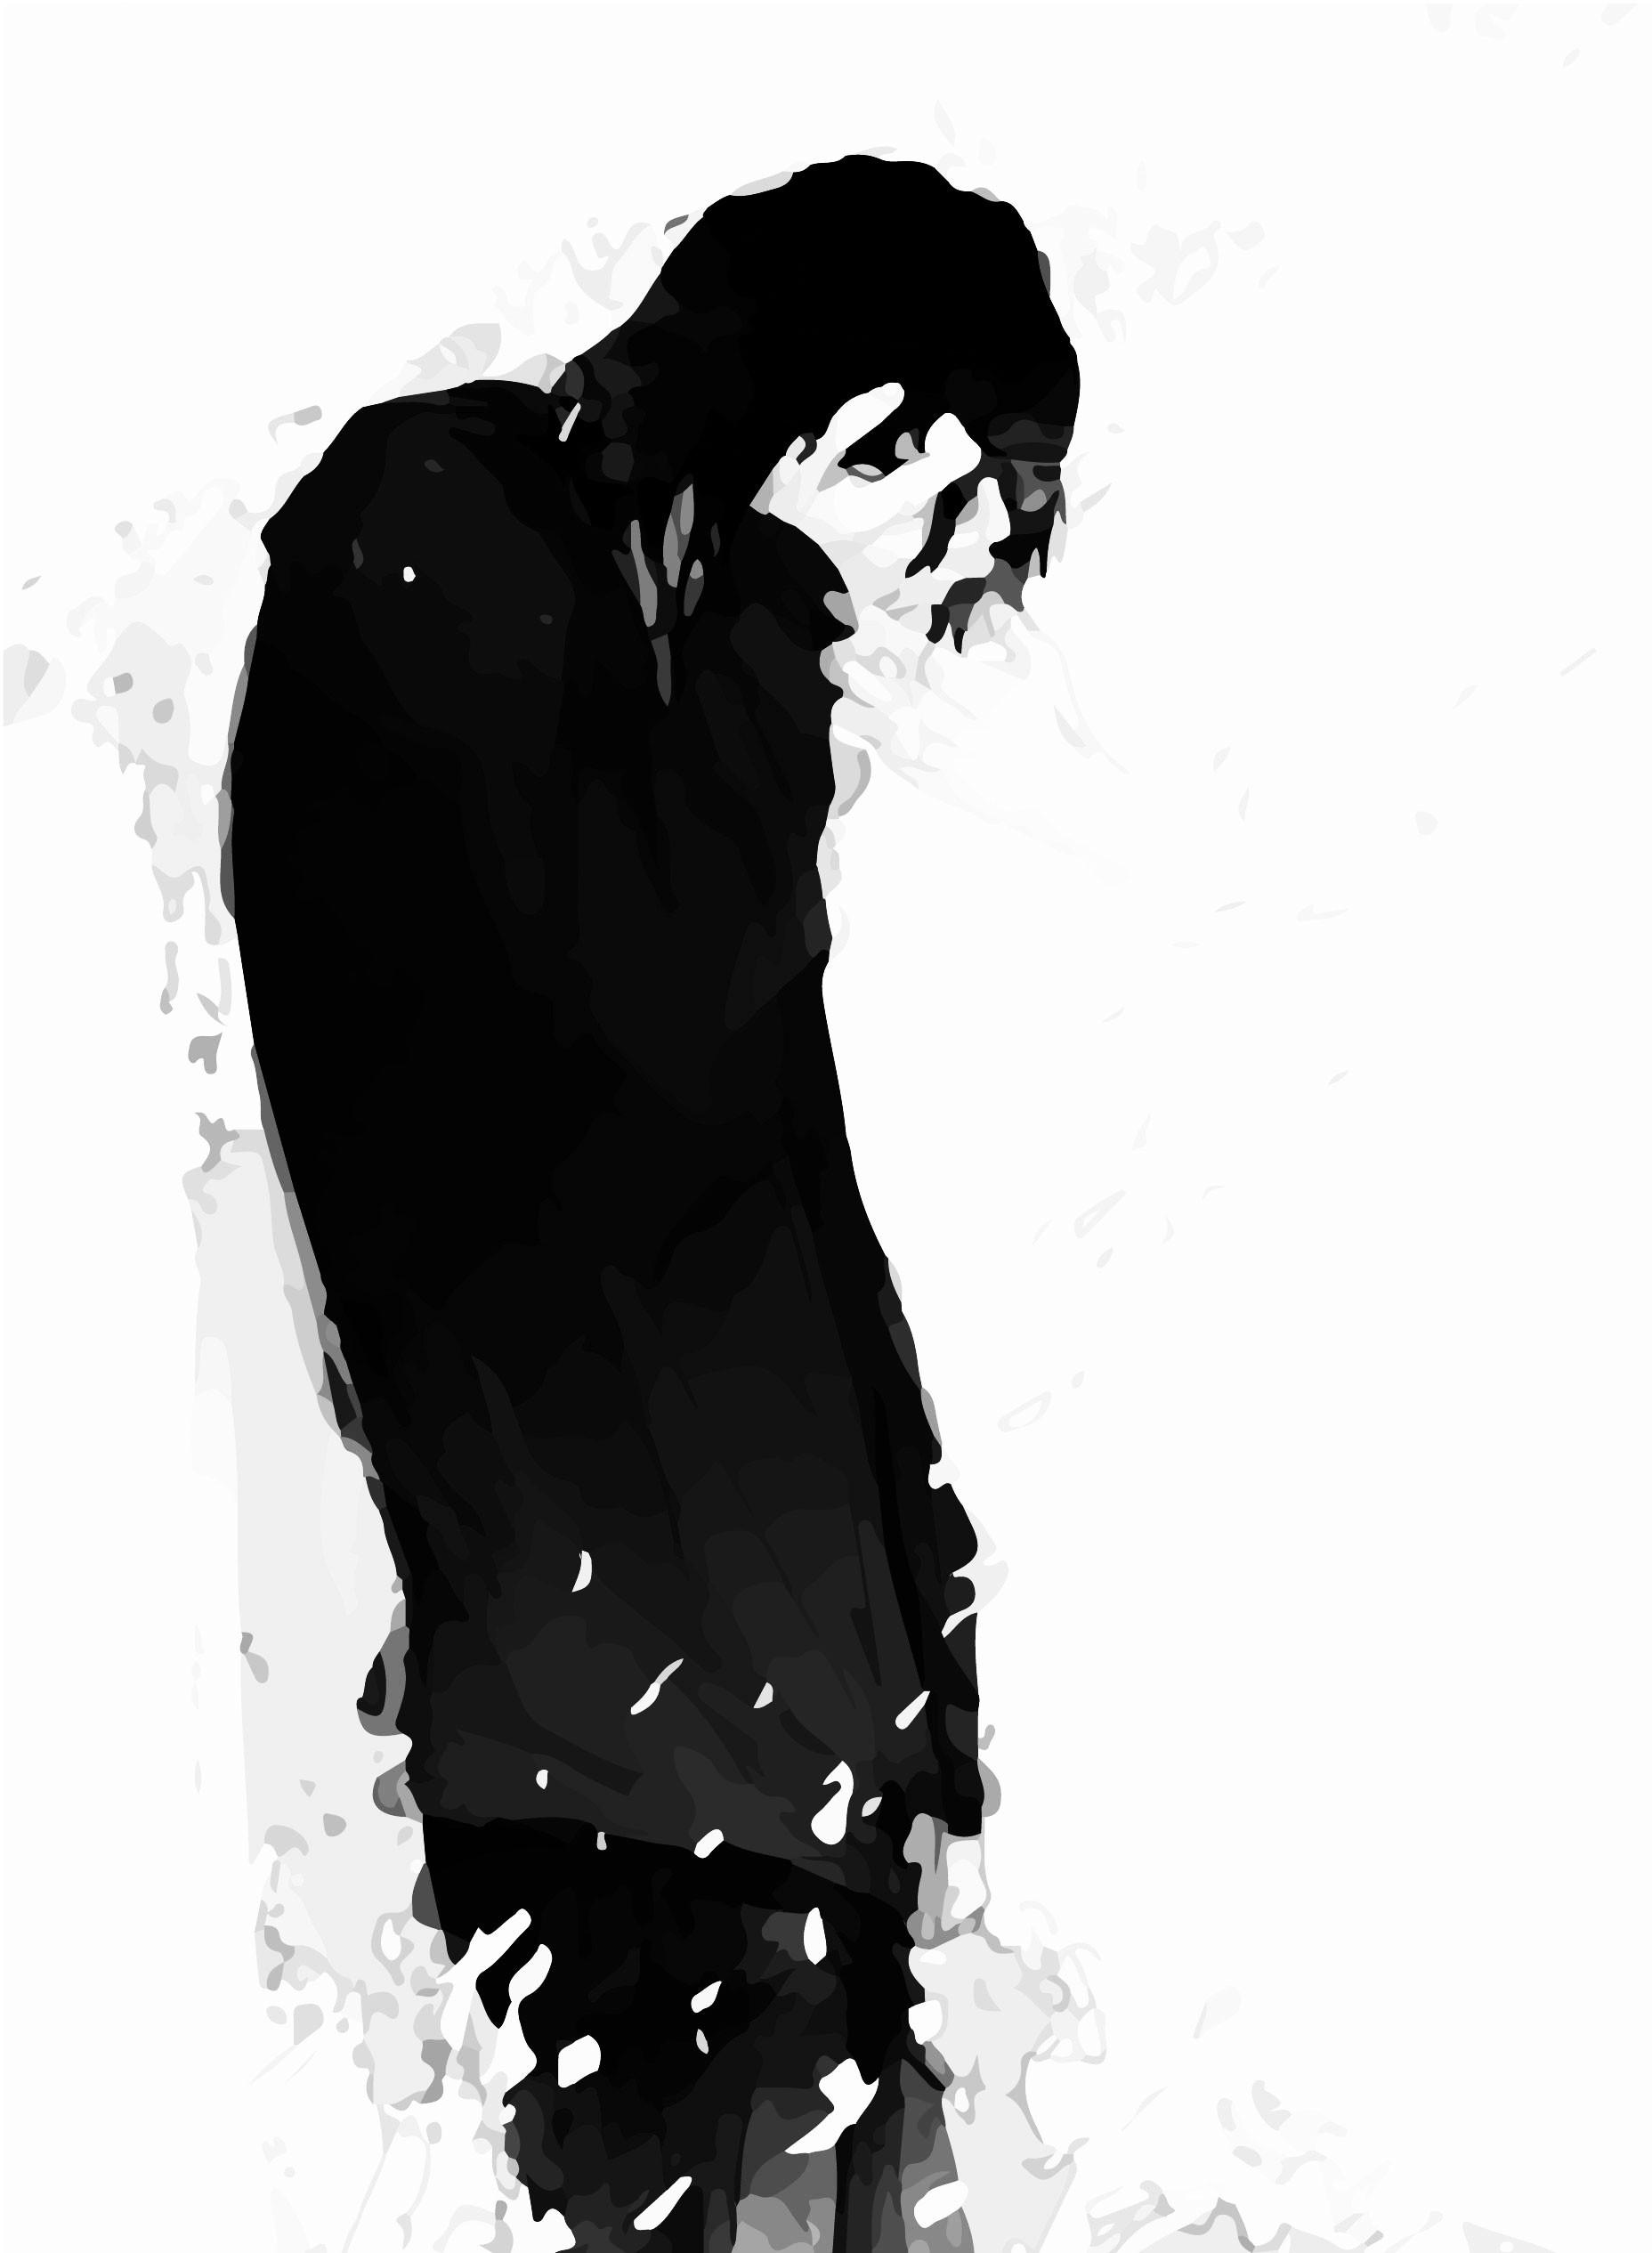 Alone Sad Anime Boy 735x1003 Download Hd Wallpaper Wallpapertip